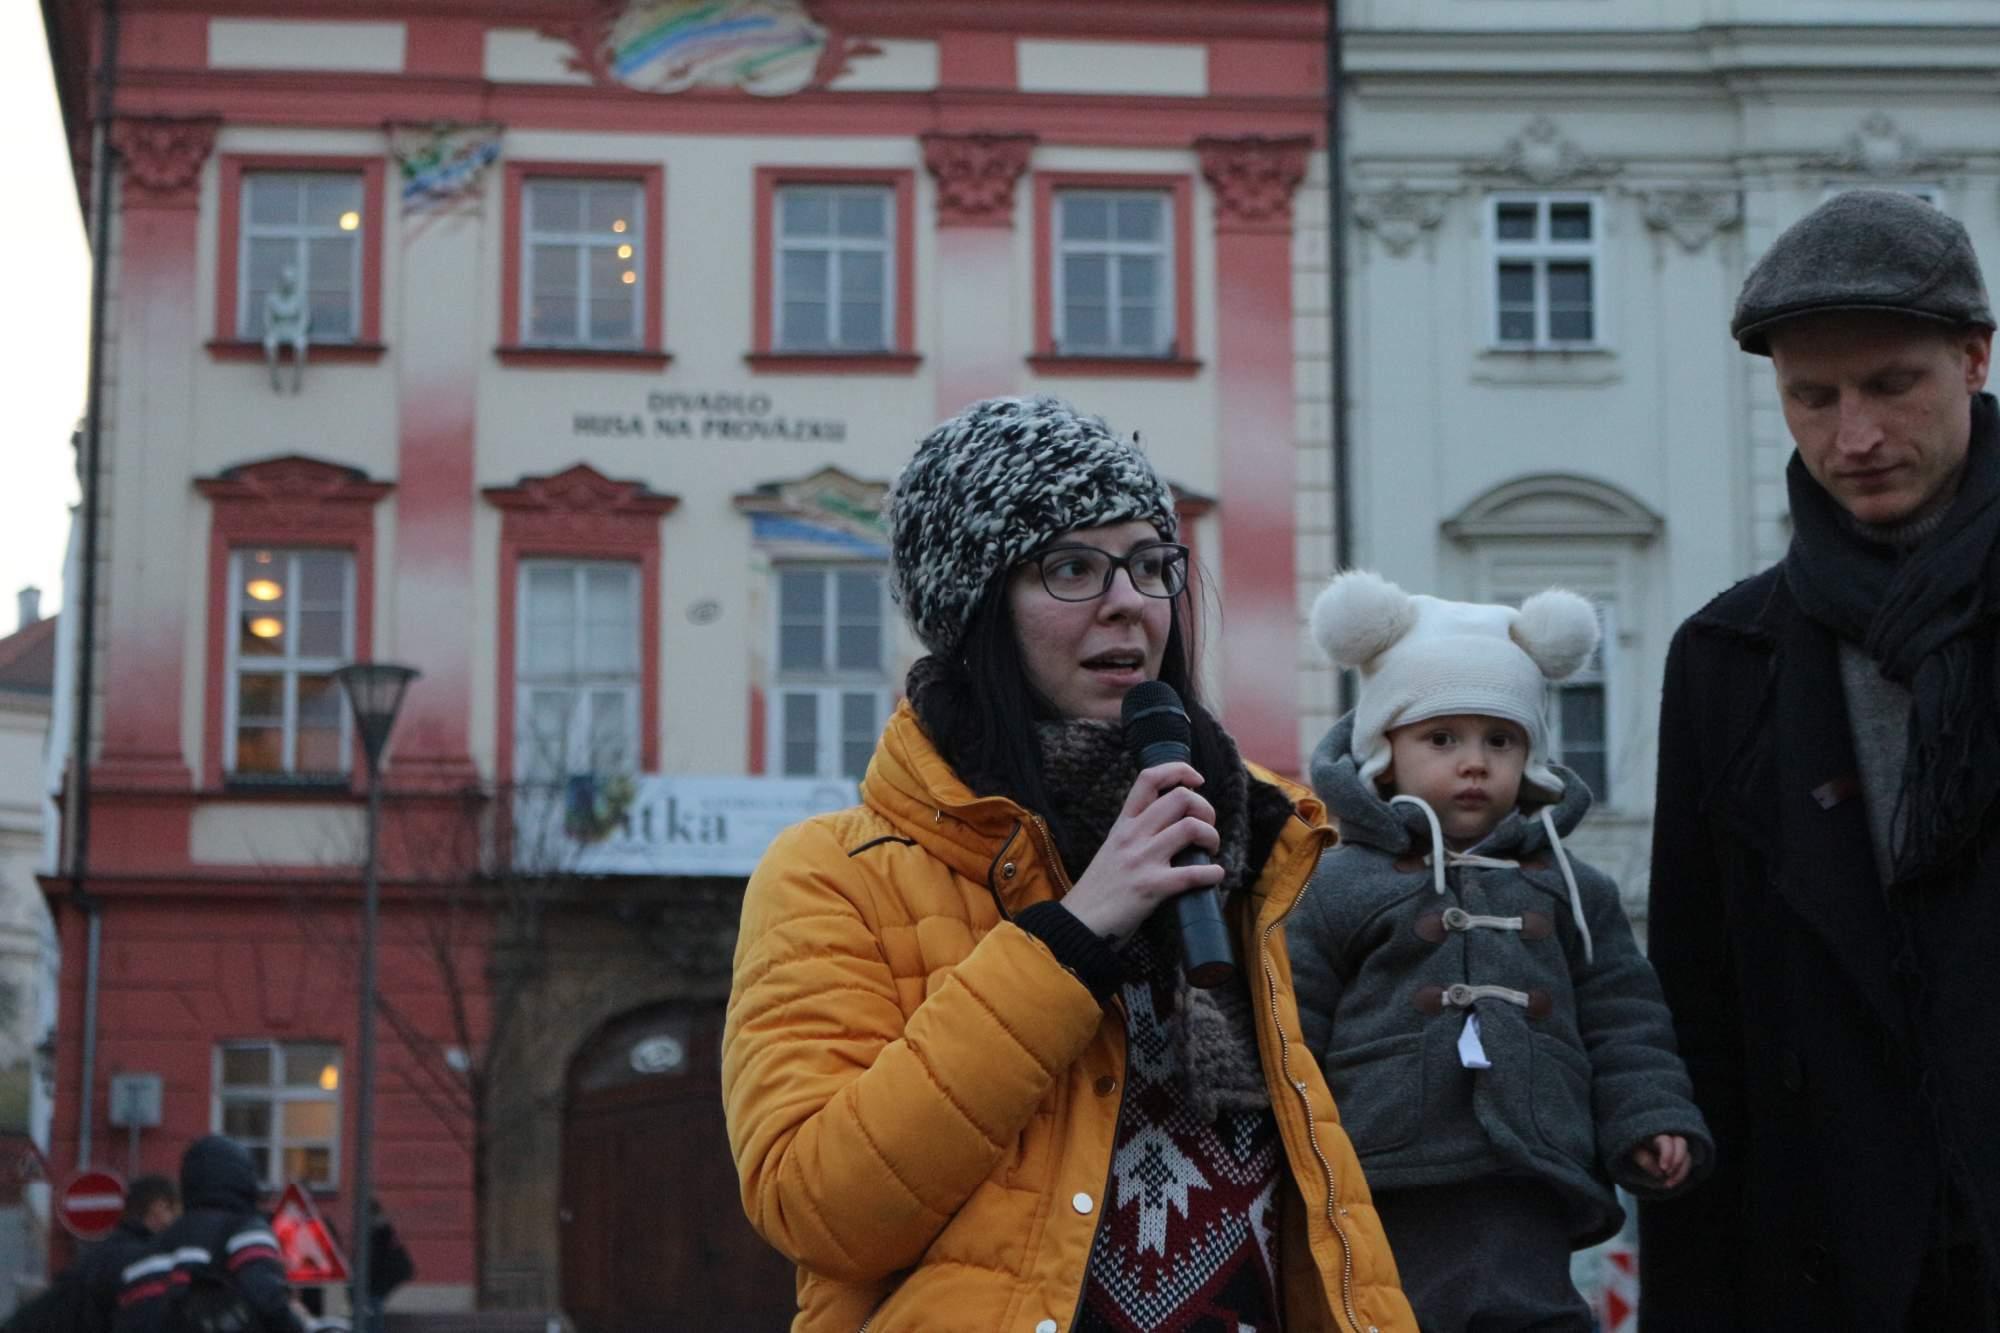 """Hlavnou organizátorkou zhromaždenia je Kristína Vlčková , ktorá komunikovala so všetkými rečníkmi. Oslovovala ľudí z akéhokoľvek odvetia, akéhokoľvek veku aj pohlavia. """"Chcem apelovať na ženy, ktoré sa báli vystúpiť na tomto fóre a obracali sa na svojich mužov. Svet chce počuť váš hlas,"""" hovorí Kristína. Foto: Simona Gálová"""